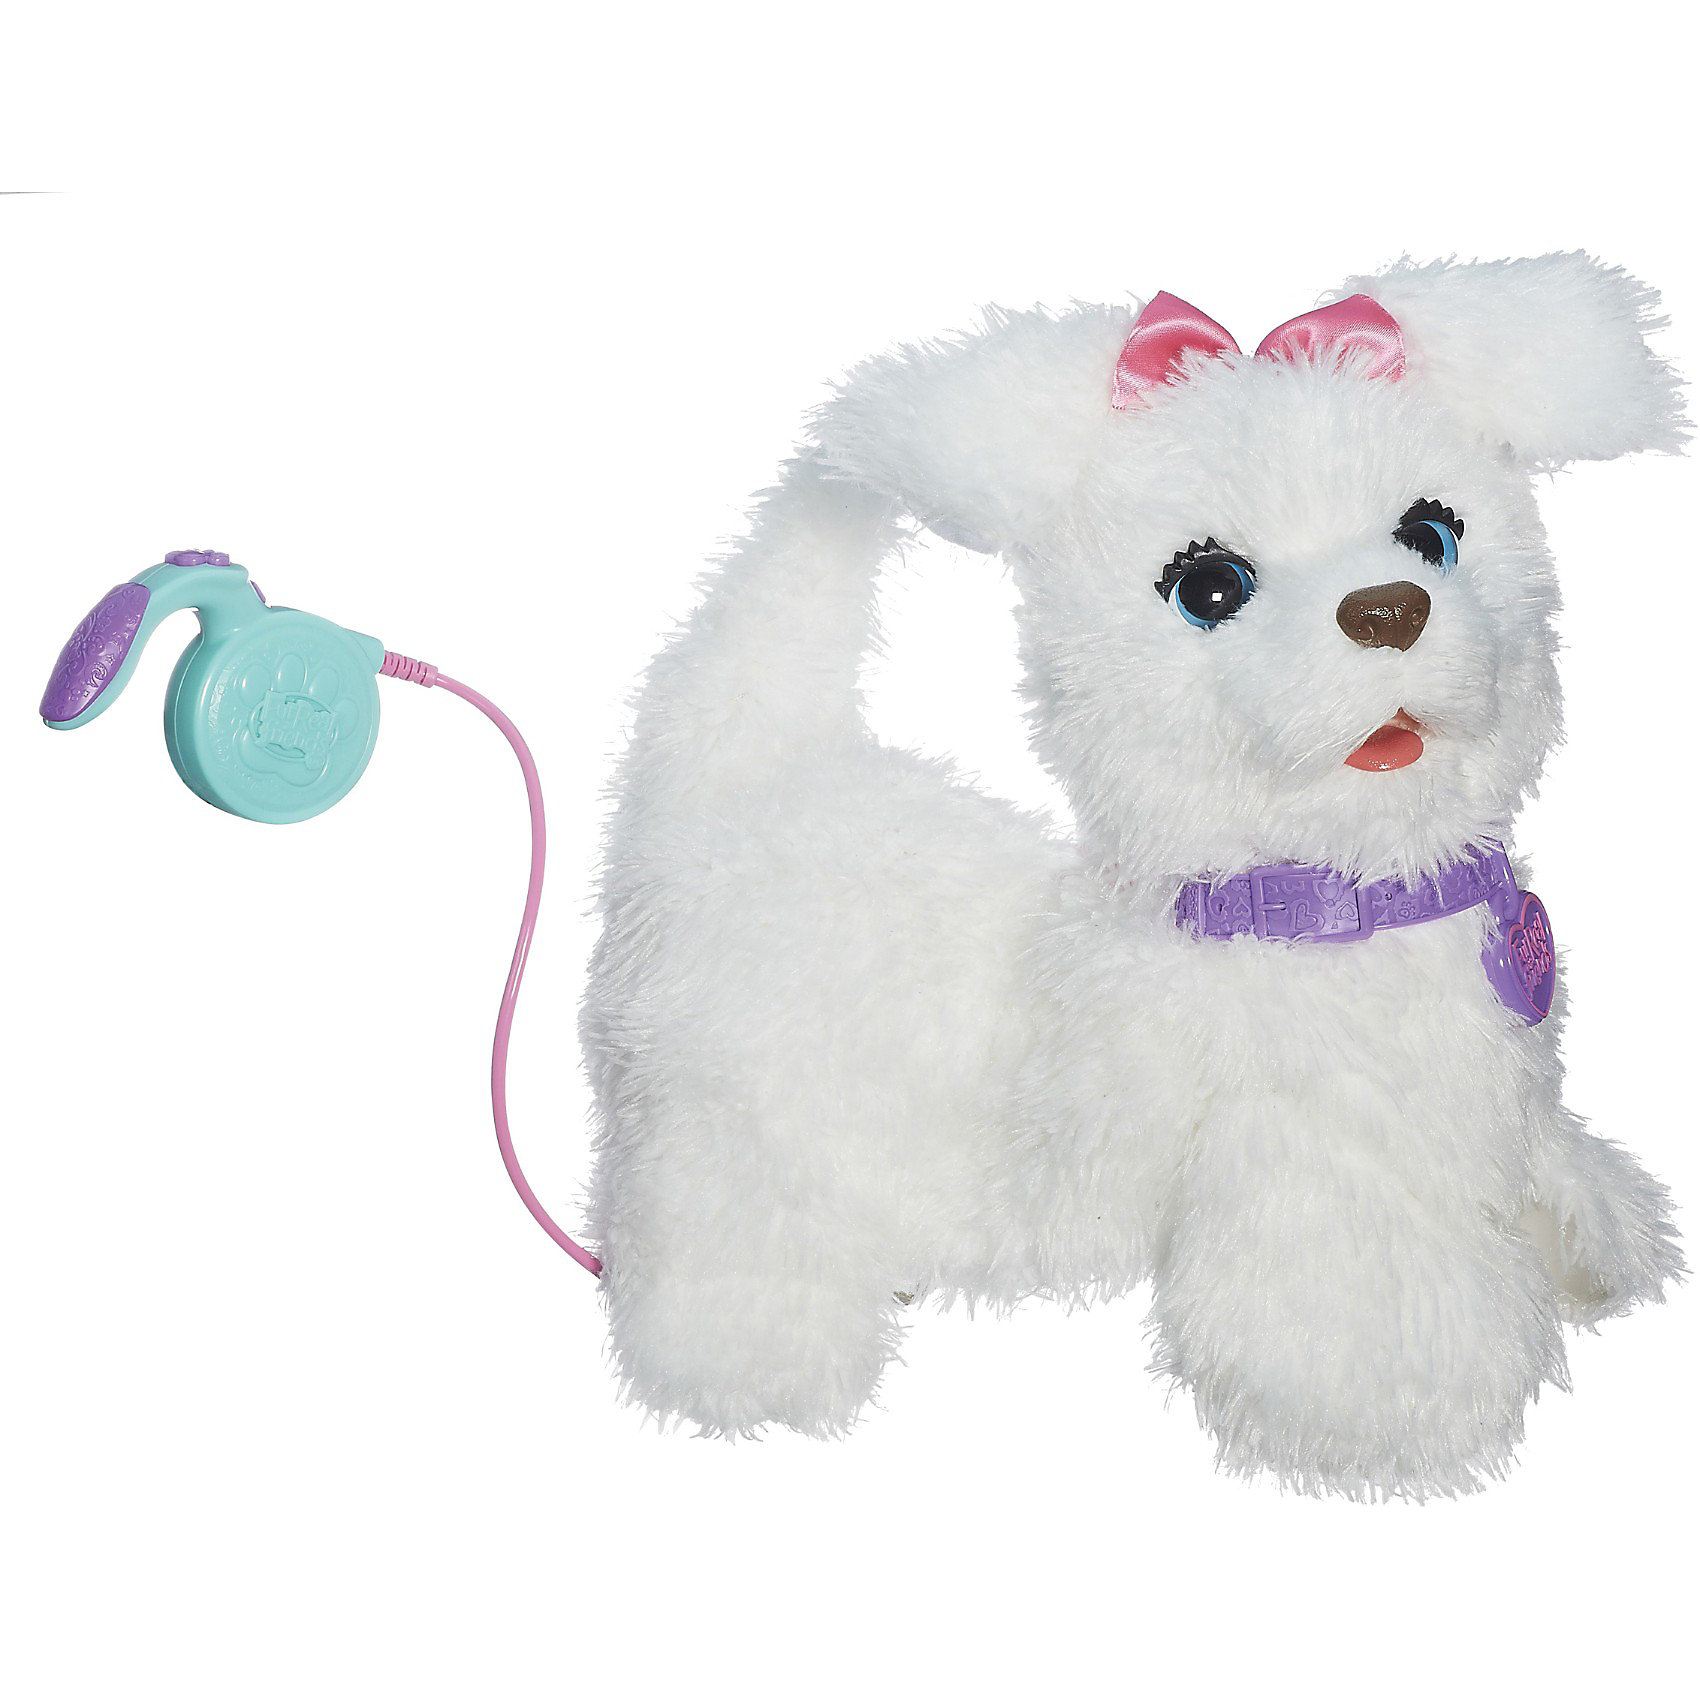 Интерактивная игрушкаЩенок ГоГо, FurRealИнтерактивная игрушка Щенок ГоГо (новая версия), FurReal станет замечательным подарком Вашему ребенку. Он получит настоящего друга и питомца, ведь игрушка выглядит и ведет себя как маленький живой щенок. Милая собачка с мягкой белой шерсткой реагирует на заботу и внимание: может вилять хвостом и двигать головой, если погладить ее по голове, начинает поворачиваться из стороны в сторону и издавать радостные звуки, если погладить щенка по бокам. <br><br>У собачки имеется поводок, с помощью которого можно управлять ее движением вперед. Собачка может бегать рядом со своим хозяином, кивать головой и махать хвостом, реагирует на его голос. Мобильное приложение предоставляет дополнительные возможности для игры: если синхронизировать игрушку с Вашим смартфоном, малыш сможет кормить щенка и отдавать ему команды.<br>Игра с забавным щенком ГоГо развивает у ребенка заботу и ответственность, фантазию и воображение.<br><br>Дополнительная информация:<br><br>- В комплекте: интерактивный щенок ГоГо (GoGo), пульт управления, инструкция.<br>- Материал: плюш, текстиль, пластик.<br>- Требуются батарейки: 4 х С / LR14 1.5V (не входят в комплект).<br>- Размер упаковки: 35,6 x 19,1 x 35,6 см.<br>- Вес: 2,5 кг.<br><br>Интерактивную игрушку Щенок ГоГо (новая версия), FurReal можно купить в нашем интернет-магазине.<br><br>Ширина мм: 369<br>Глубина мм: 357<br>Высота мм: 200<br>Вес г: 1484<br>Возраст от месяцев: 48<br>Возраст до месяцев: 84<br>Пол: Женский<br>Возраст: Детский<br>SKU: 3555725